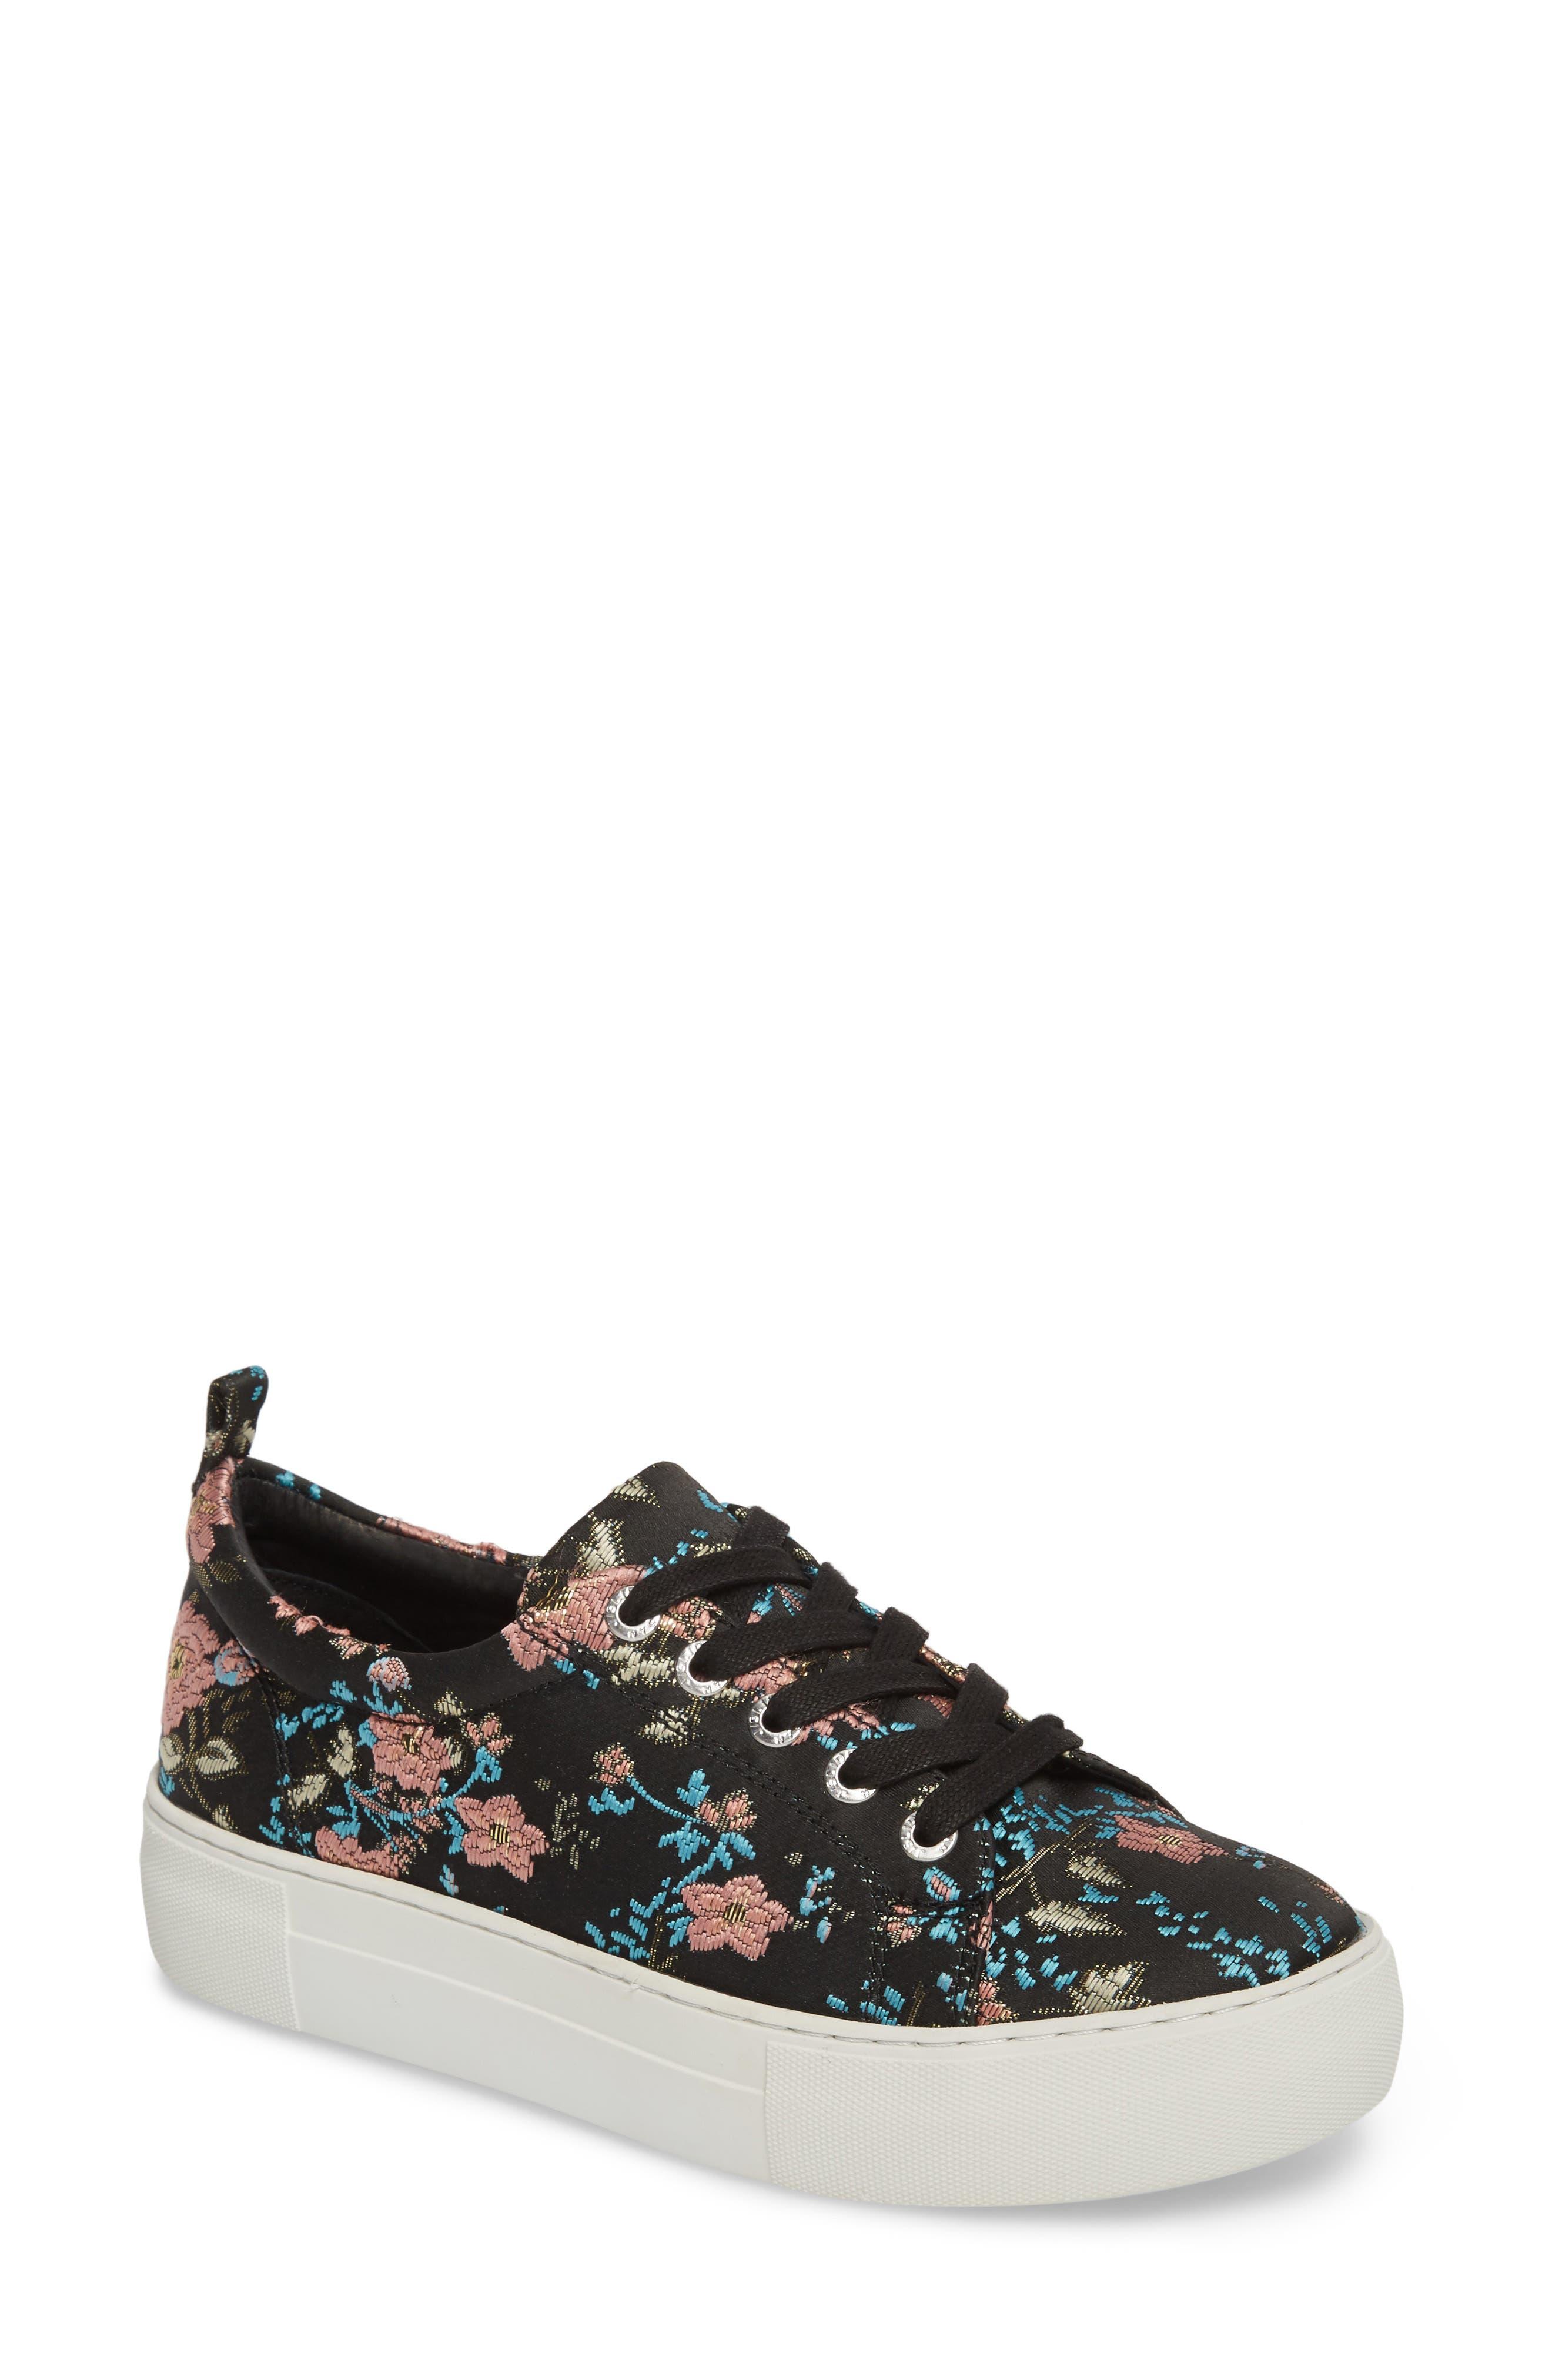 Alternate Image 1 Selected - JSlides Assure Embroidered Platform Sneaker (Women)